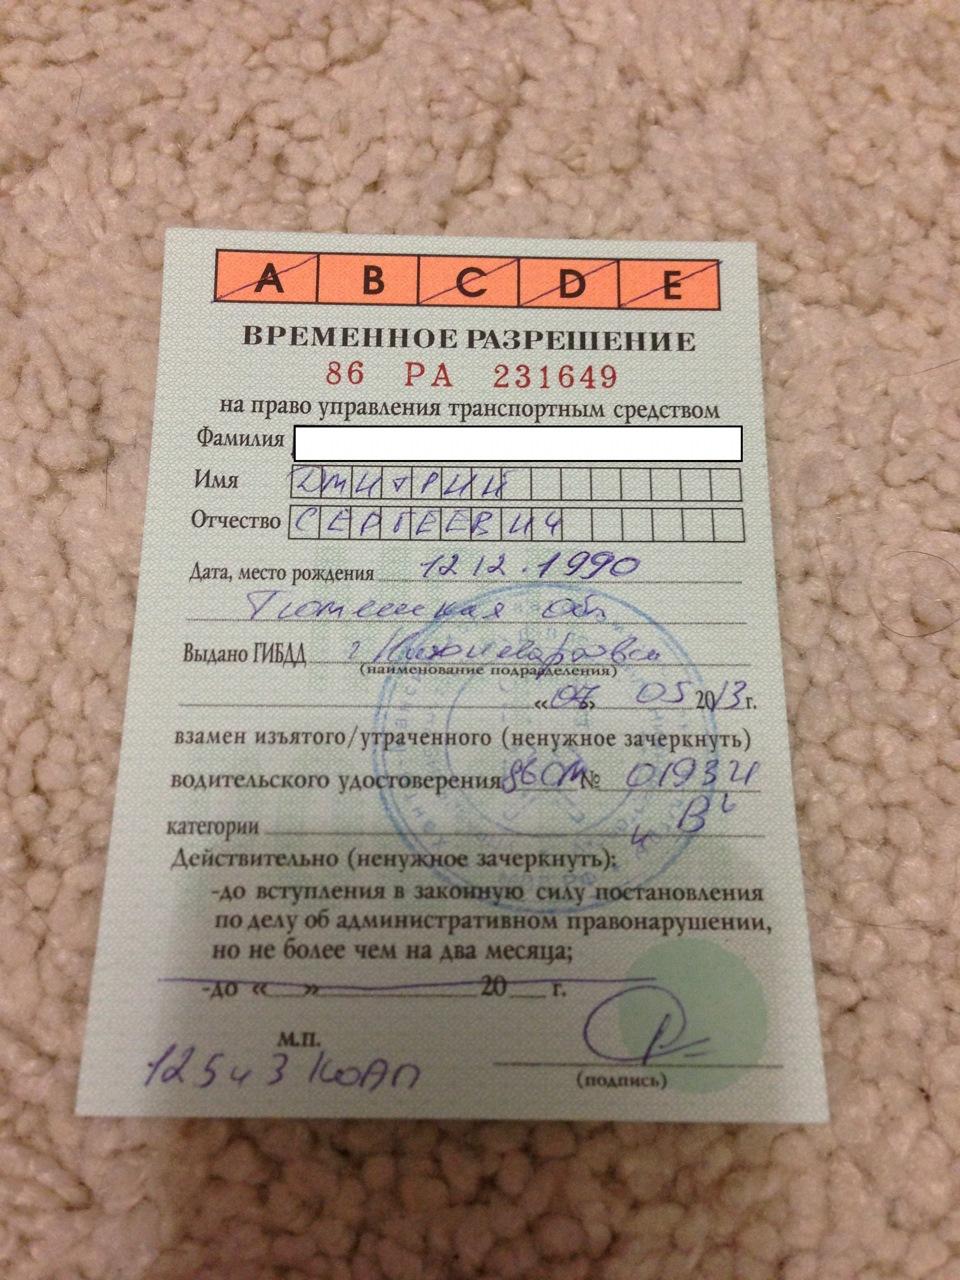 Временное водительское удостоверение образец заполнения как